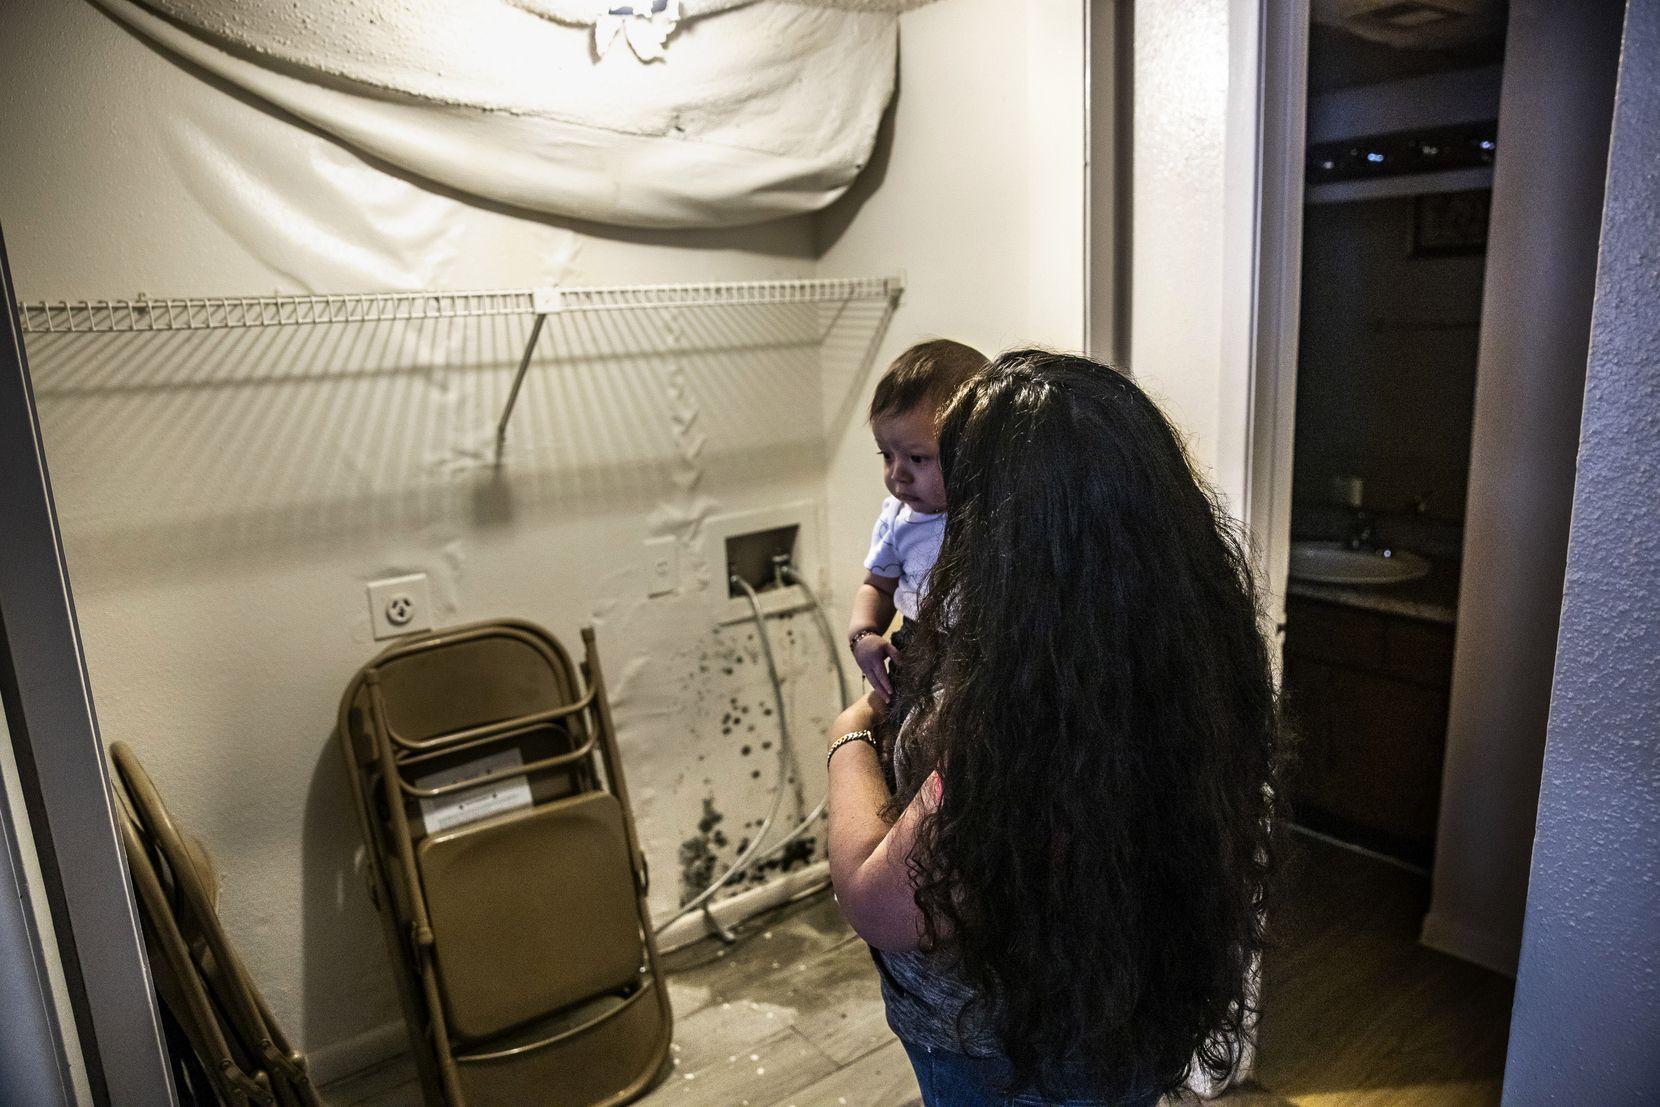 María Magarin, con su bebé en brazos, muestra el moho que ya se ha formado en su apartamento que sufrió daños por que se inundó. Desde la tormenta de febrero no tiene agua caliente.